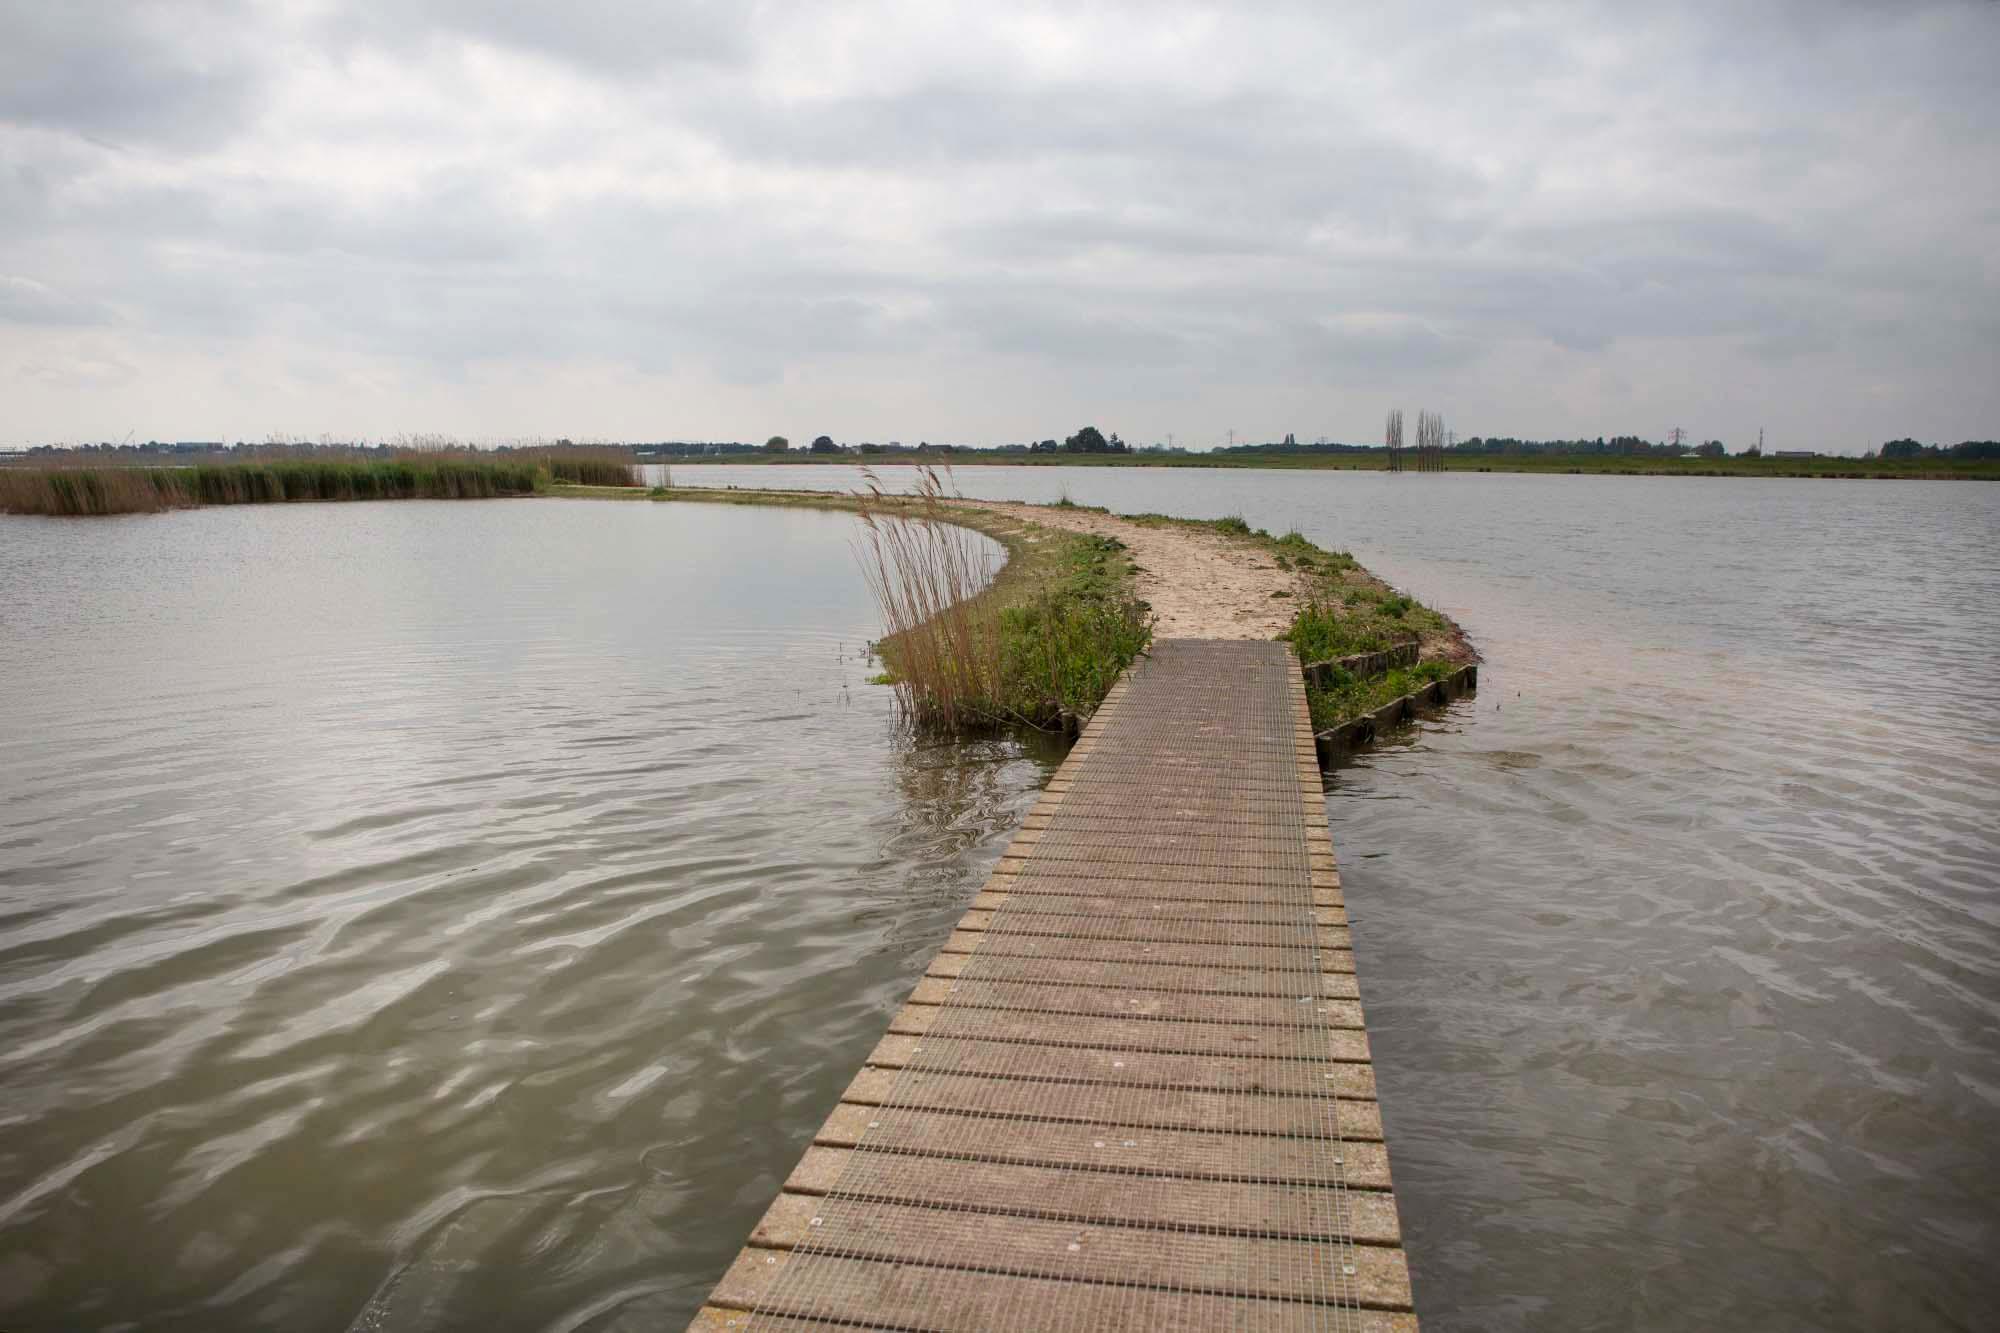 Ontdek natuur op IJsselmonde in Zuid-Holland bij Crezéepolder